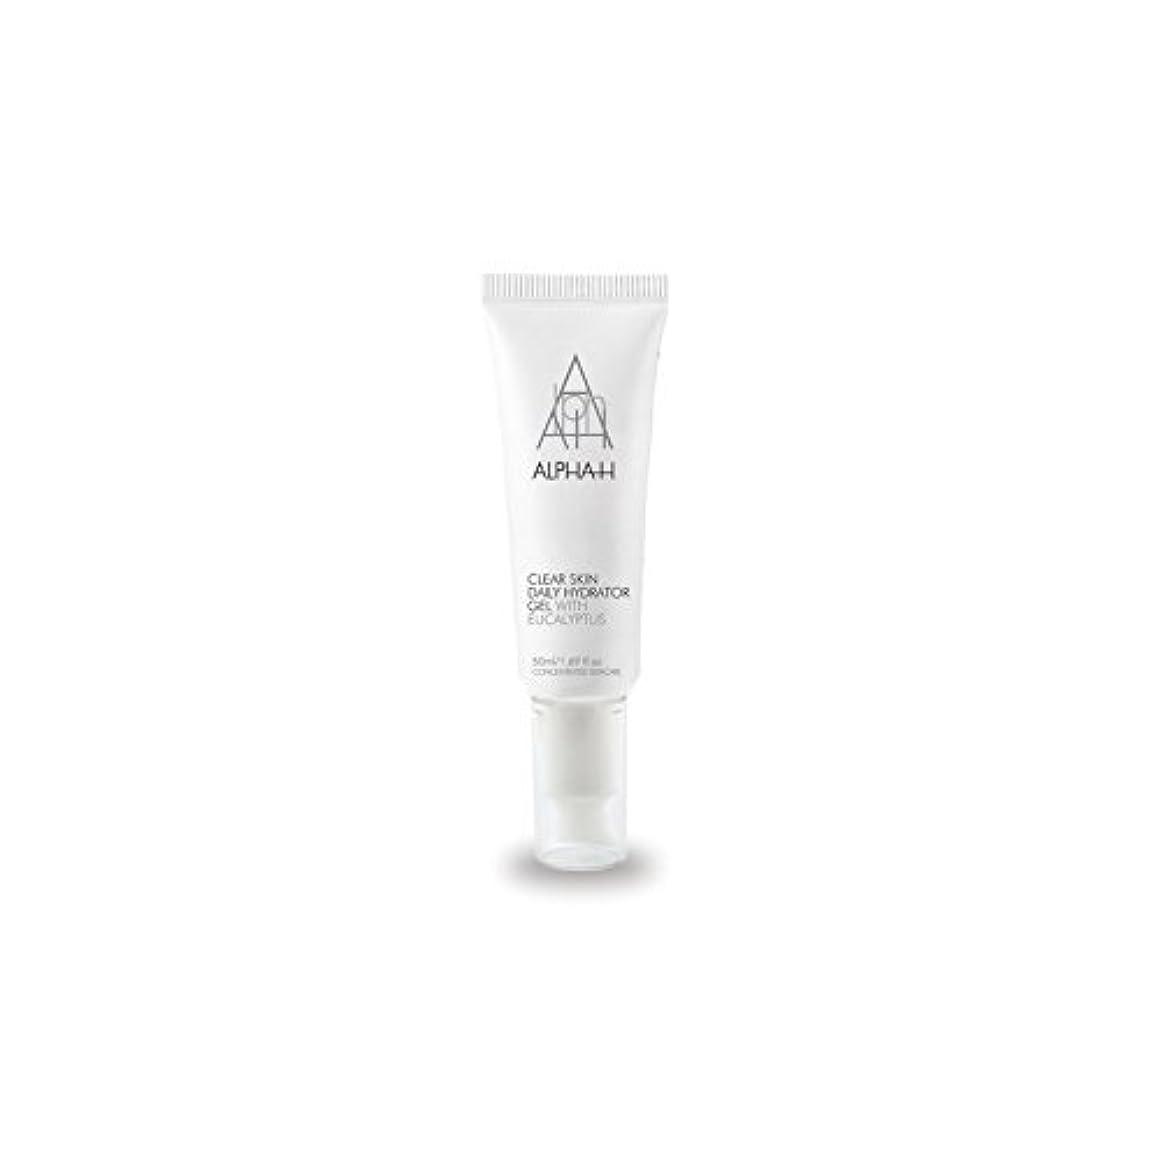 ヘルメット地下室時折Alpha-H Clear Skin Daily Hydrator Gel (50ml) (Pack of 6) - アルファクリア皮膚毎日ハイドレーターゲル(50)中 x6 [並行輸入品]